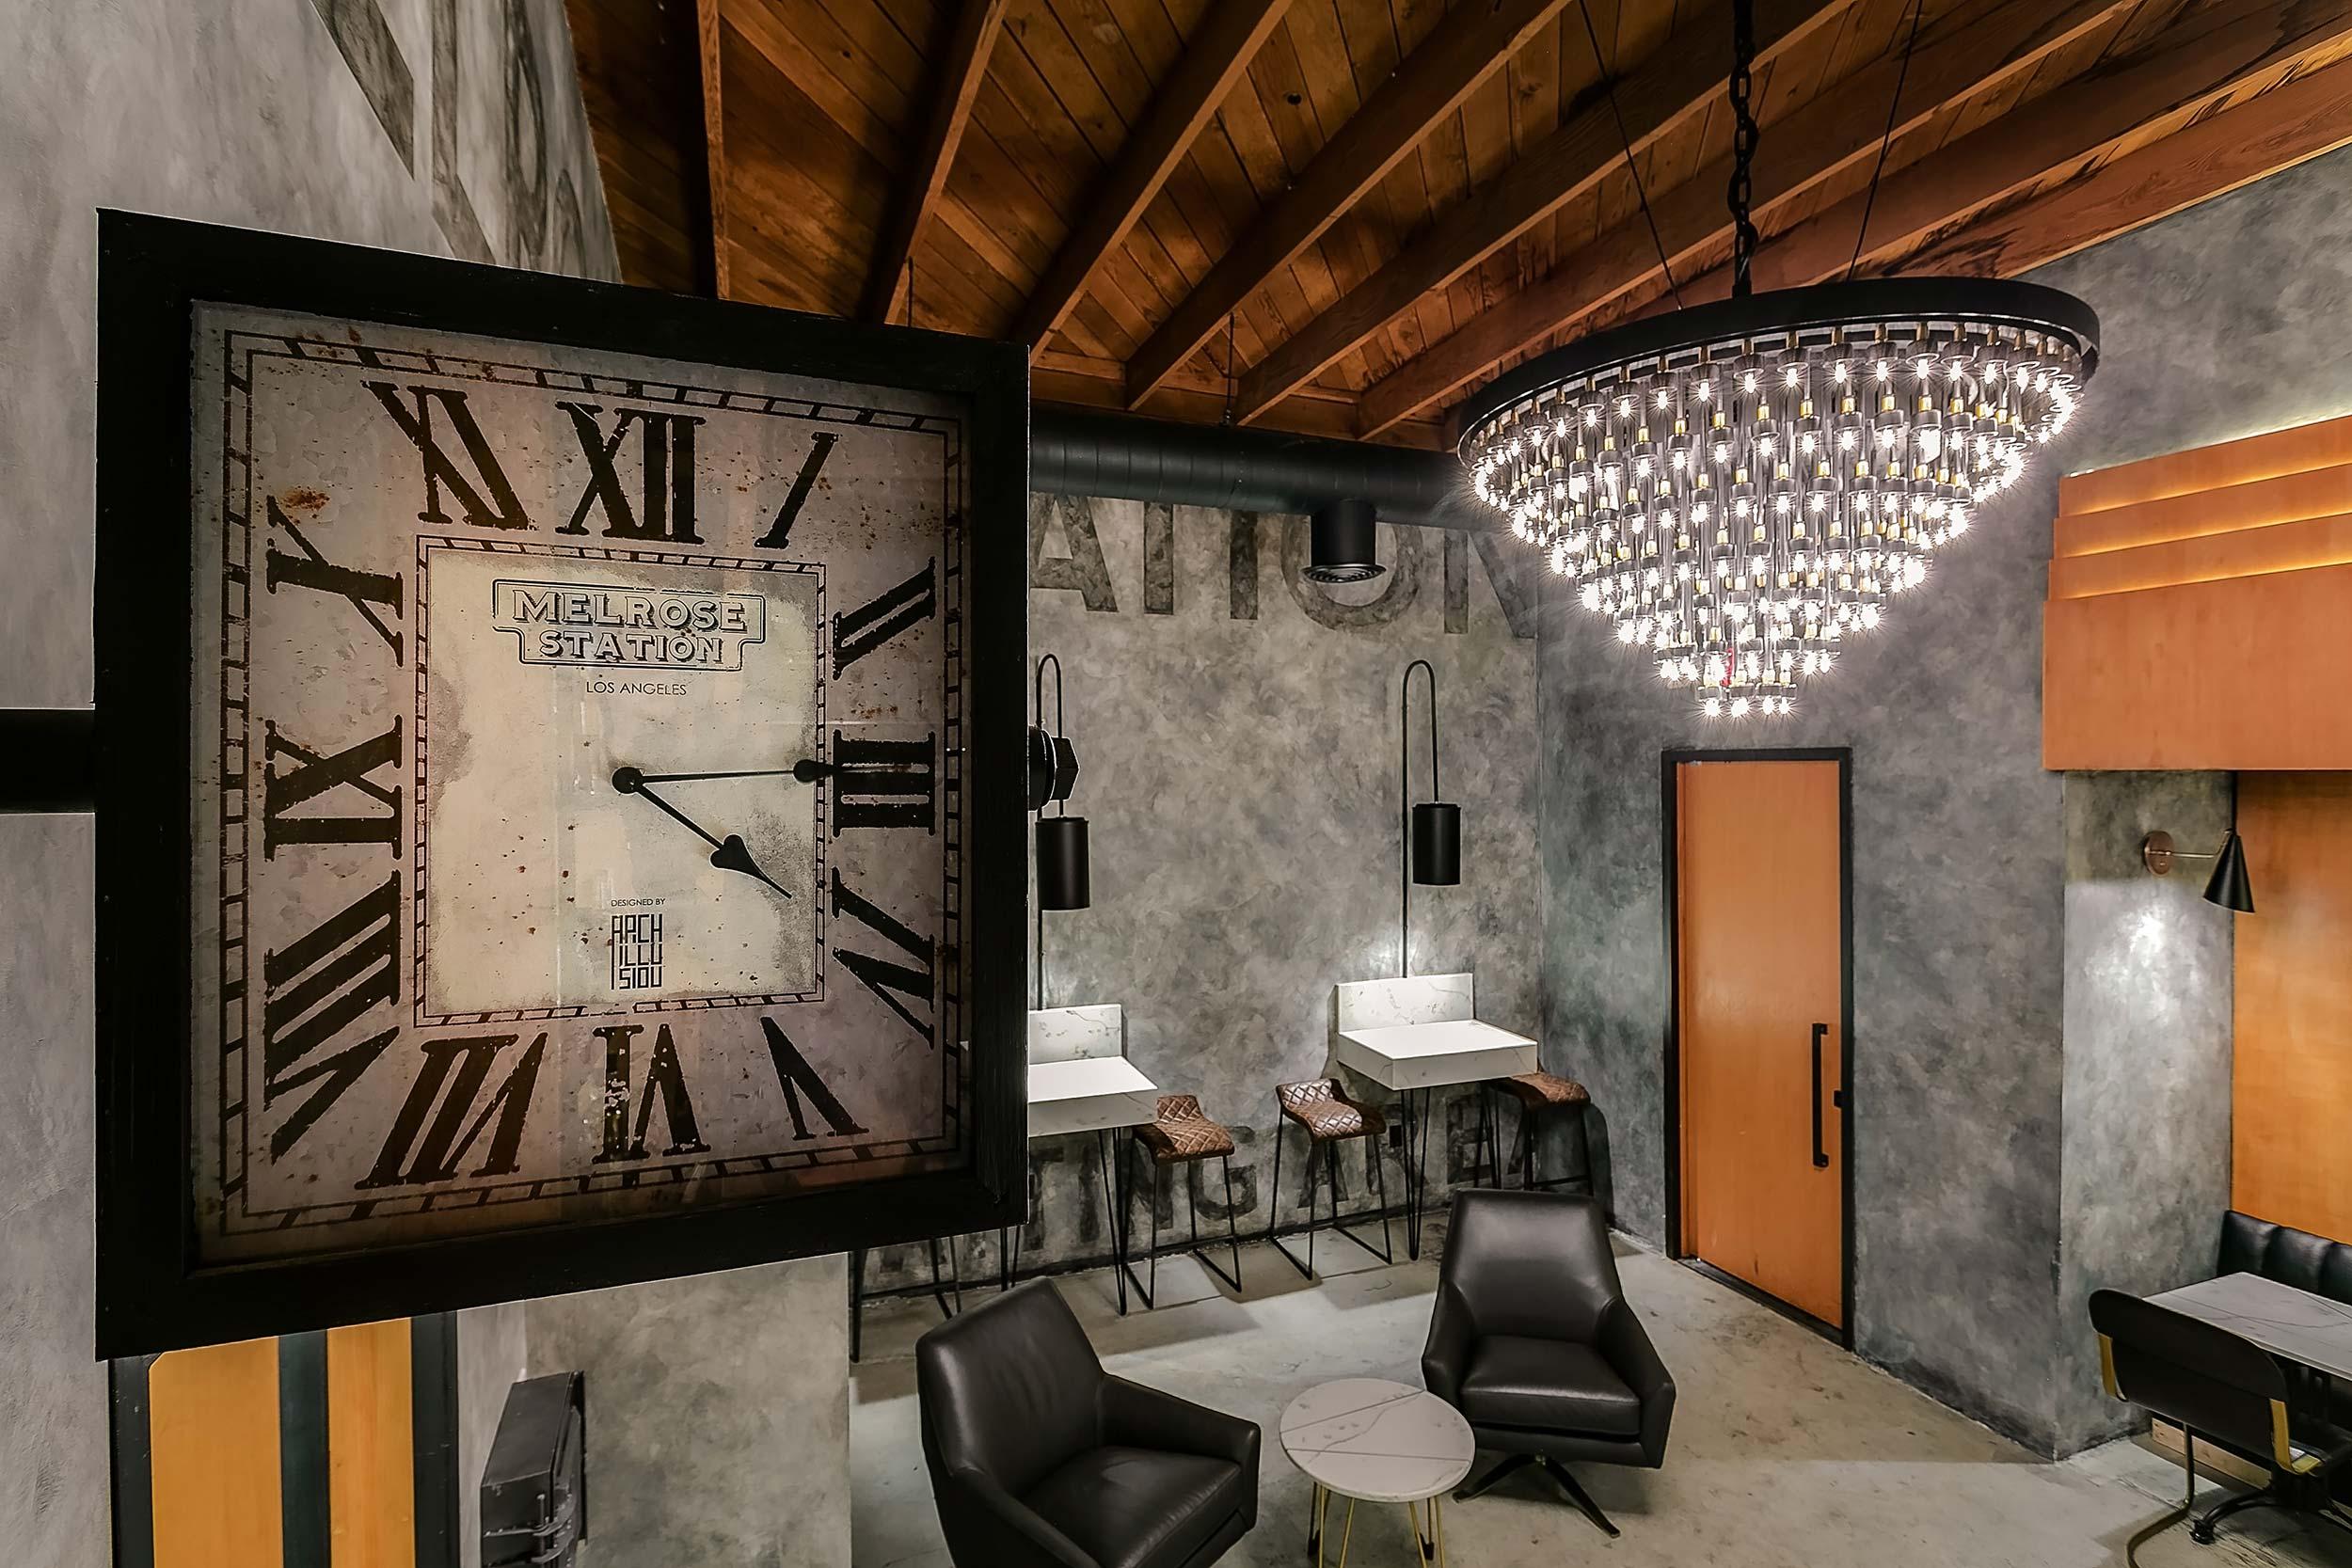 archillusion-design-melrose-station-restaurant-bar-custom-wall-clock.jpg